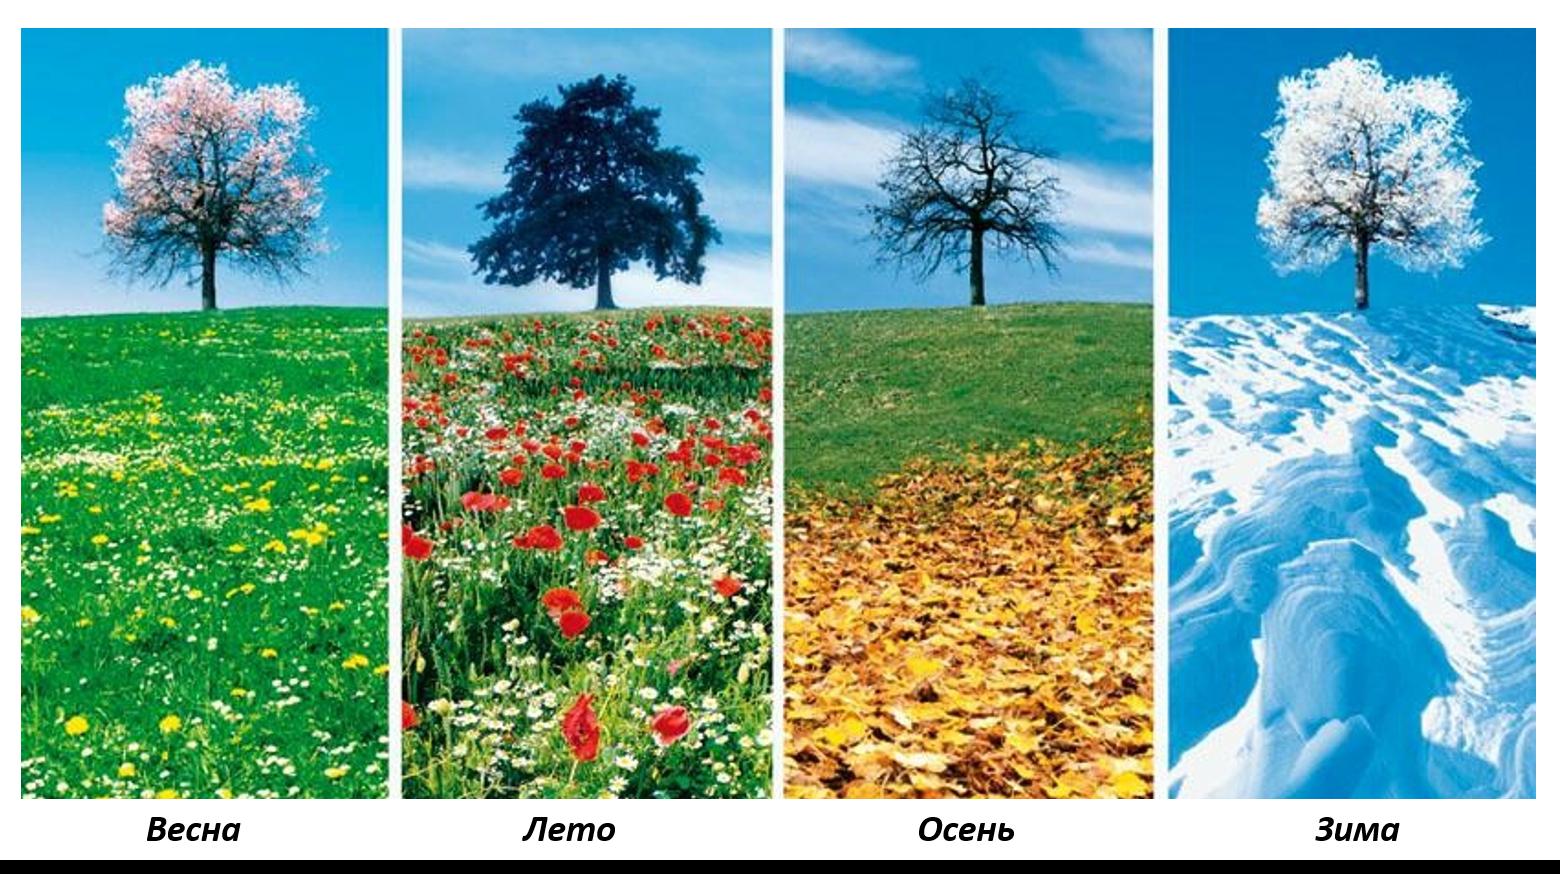 Картинками для сравнения лето и осень участник может